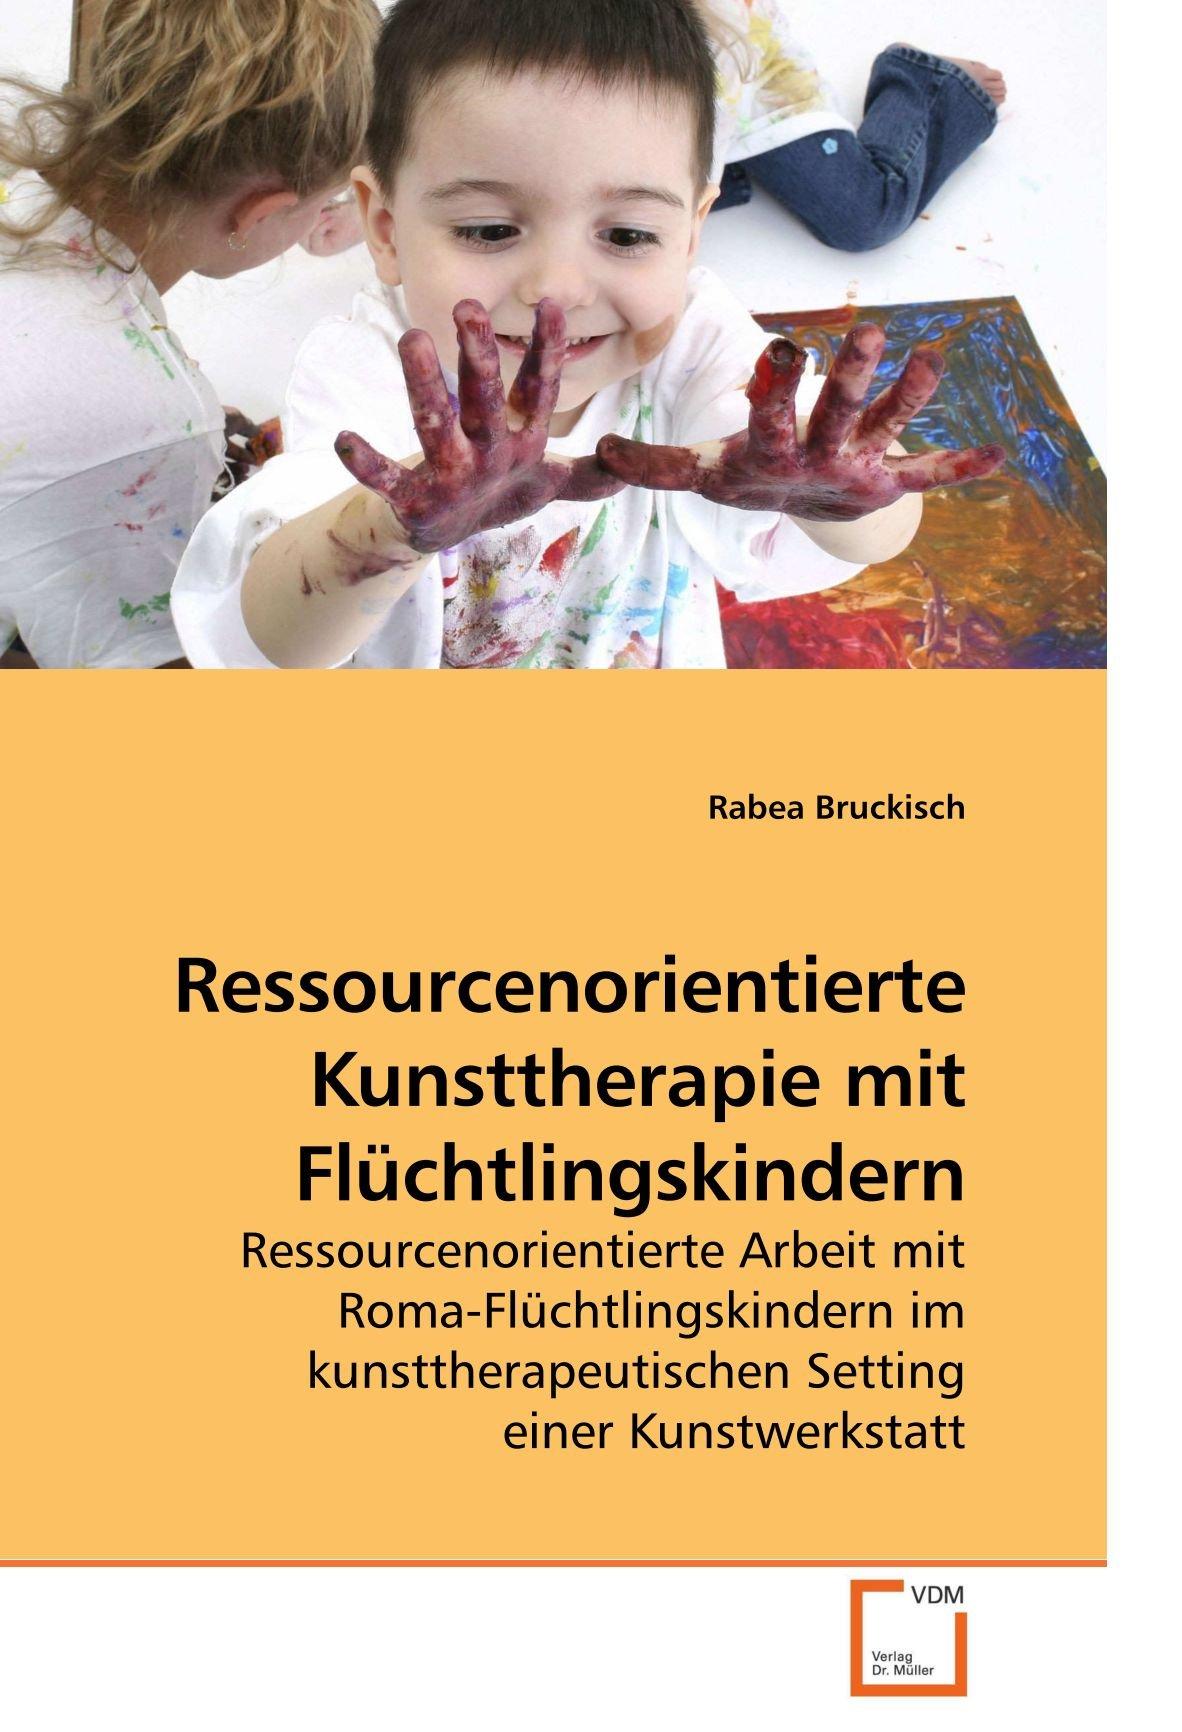 ressourcenorientierte-kunsttherapie-mit-flchtlingskindern-ressourcenorientierte-arbeit-mit-roma-flchtlingskindern-im-kunsttherapeutischen-setting-einer-kunstwerkstatt